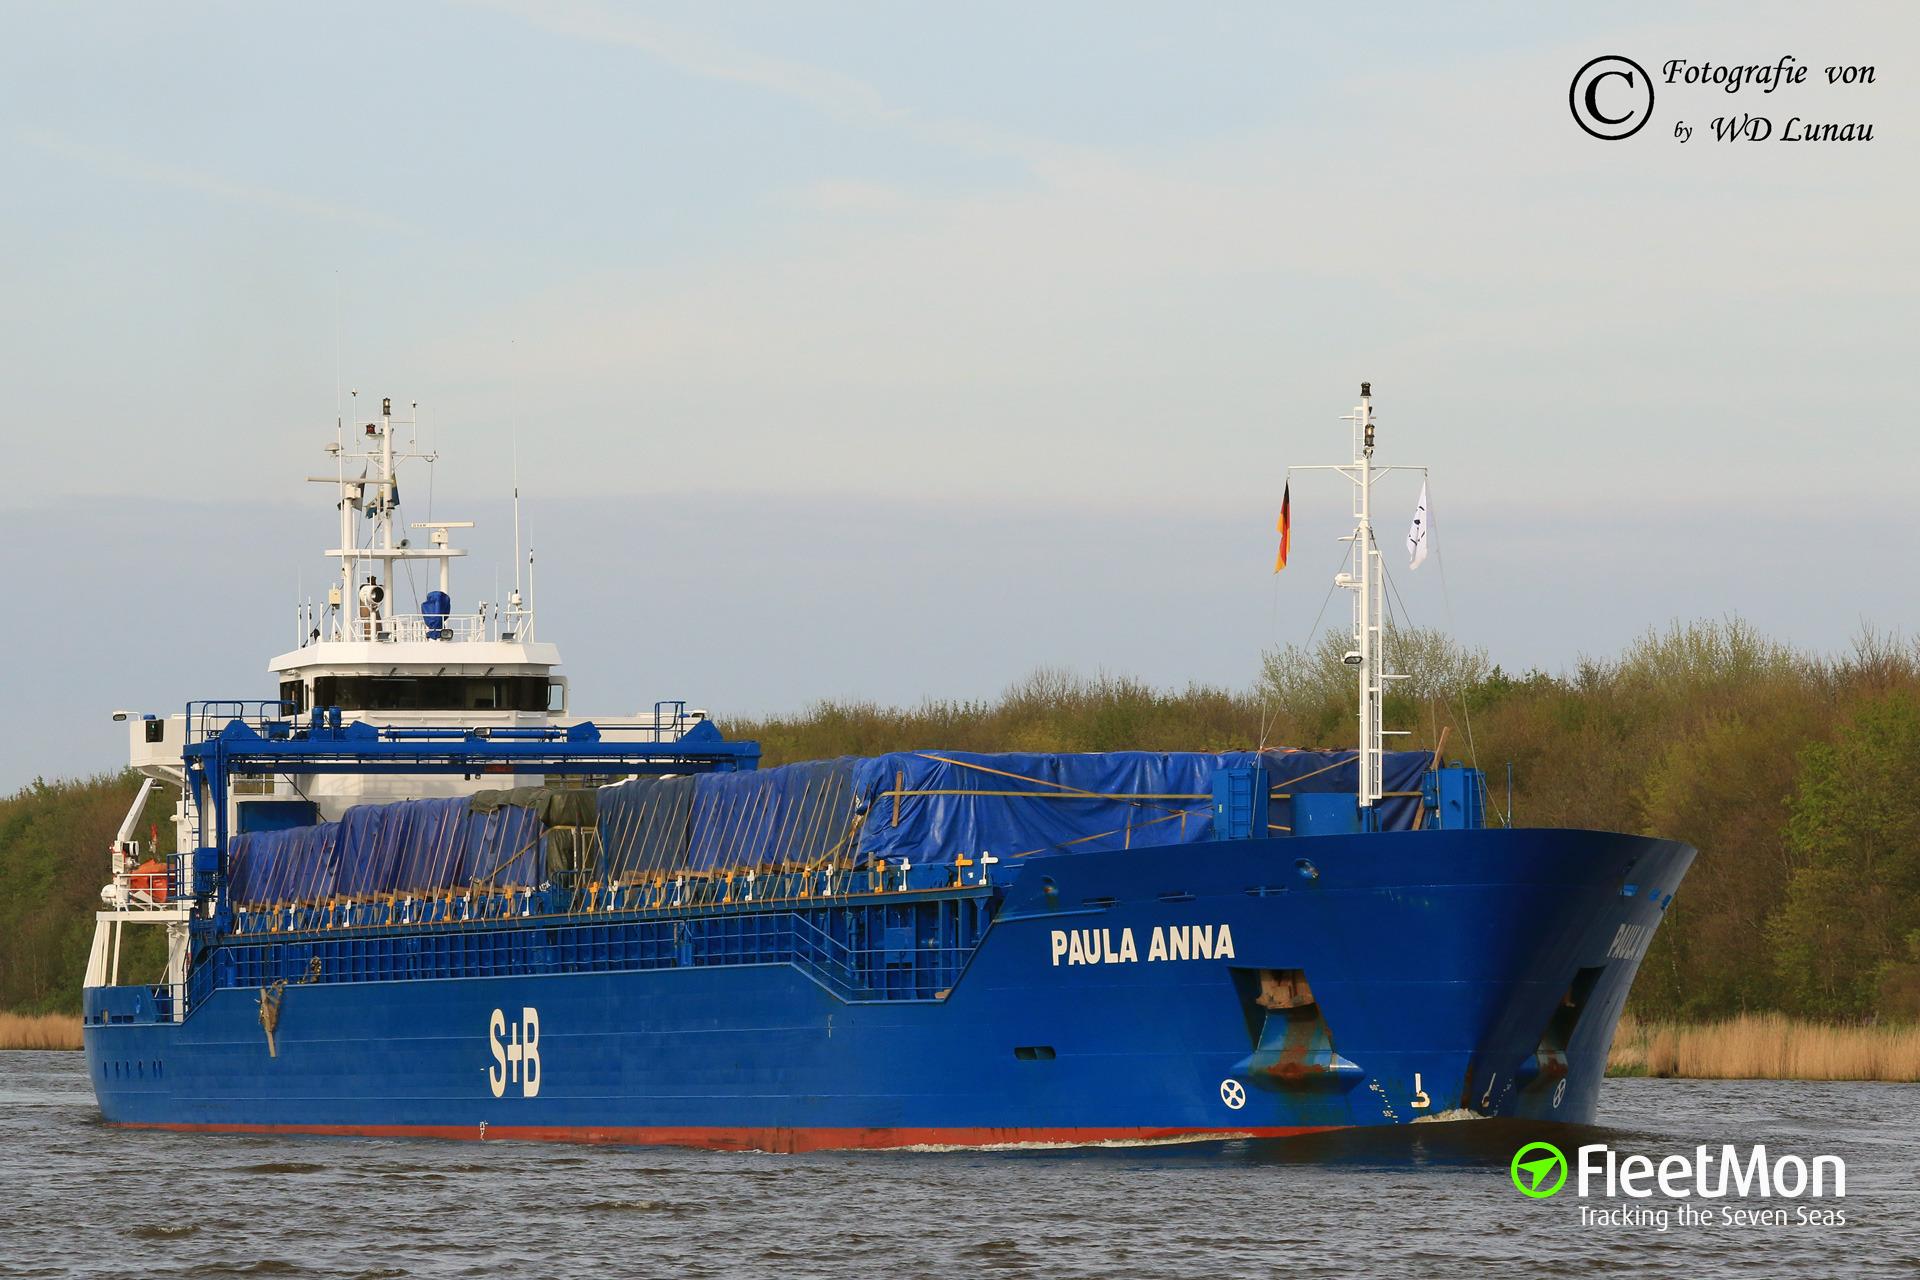 EMPIRE vs. PAULA ANNA, Kiel Canal